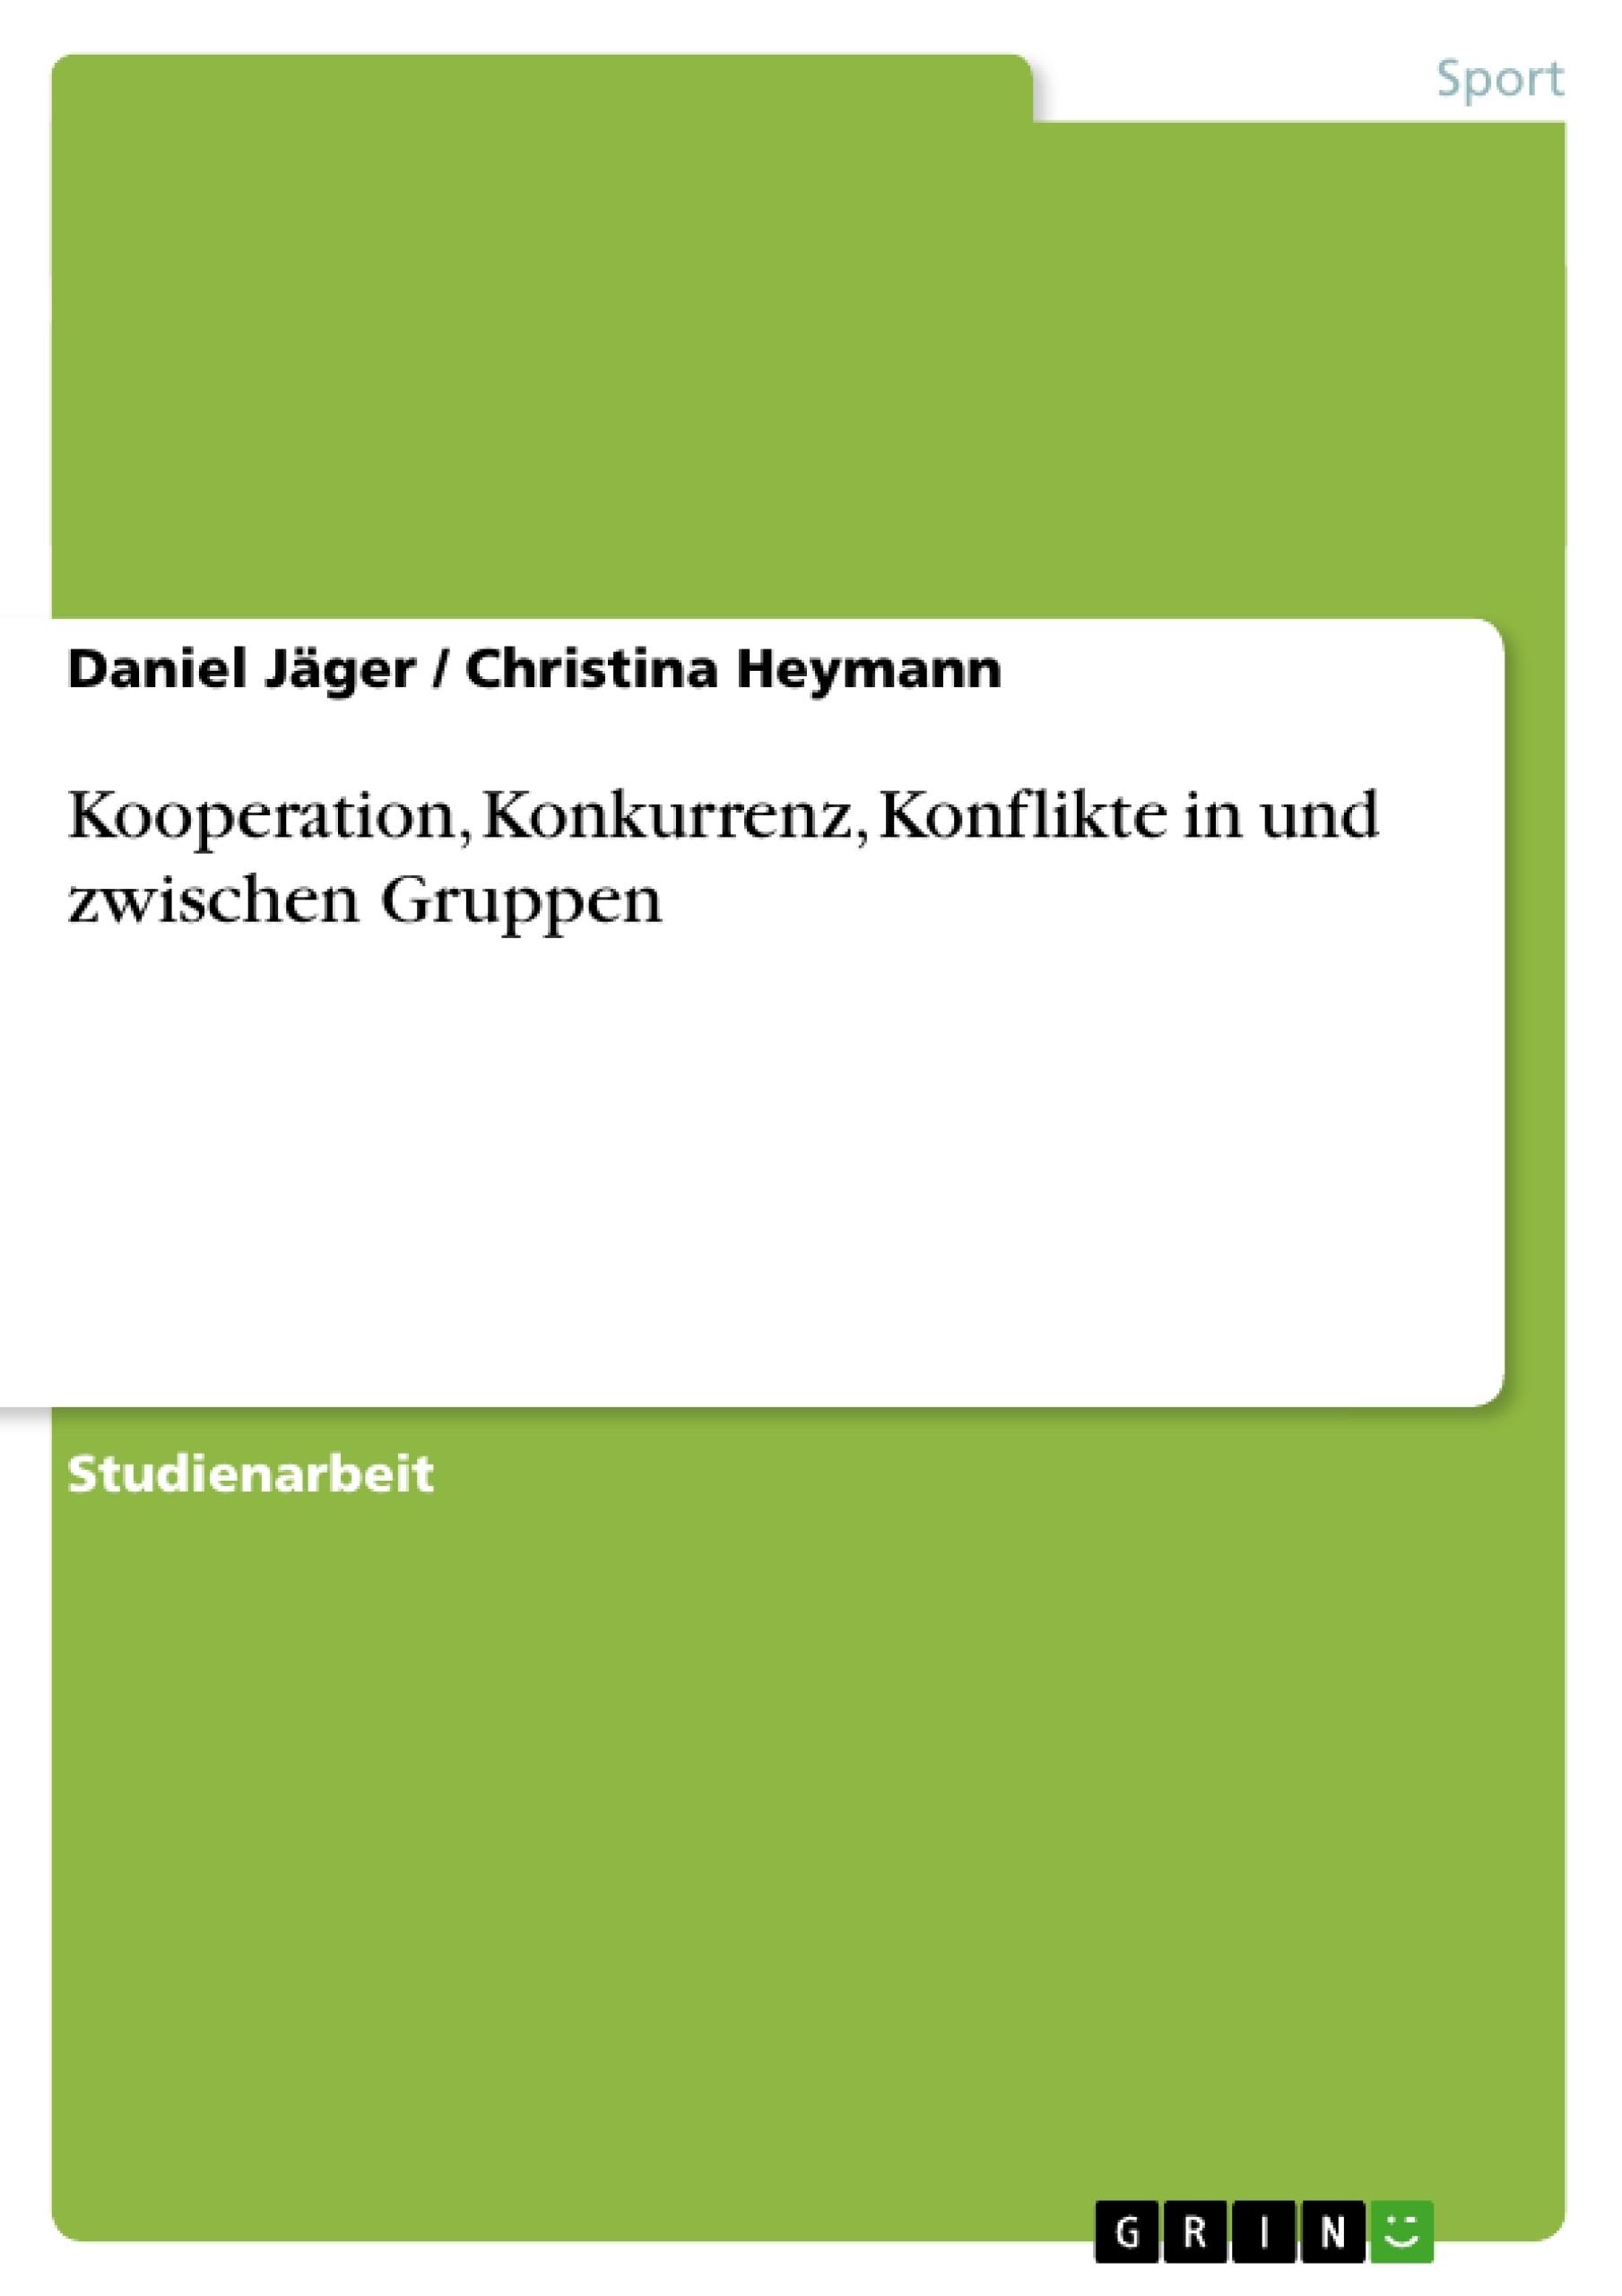 Titel: Kooperation, Konkurrenz, Konflikte in und zwischen Gruppen